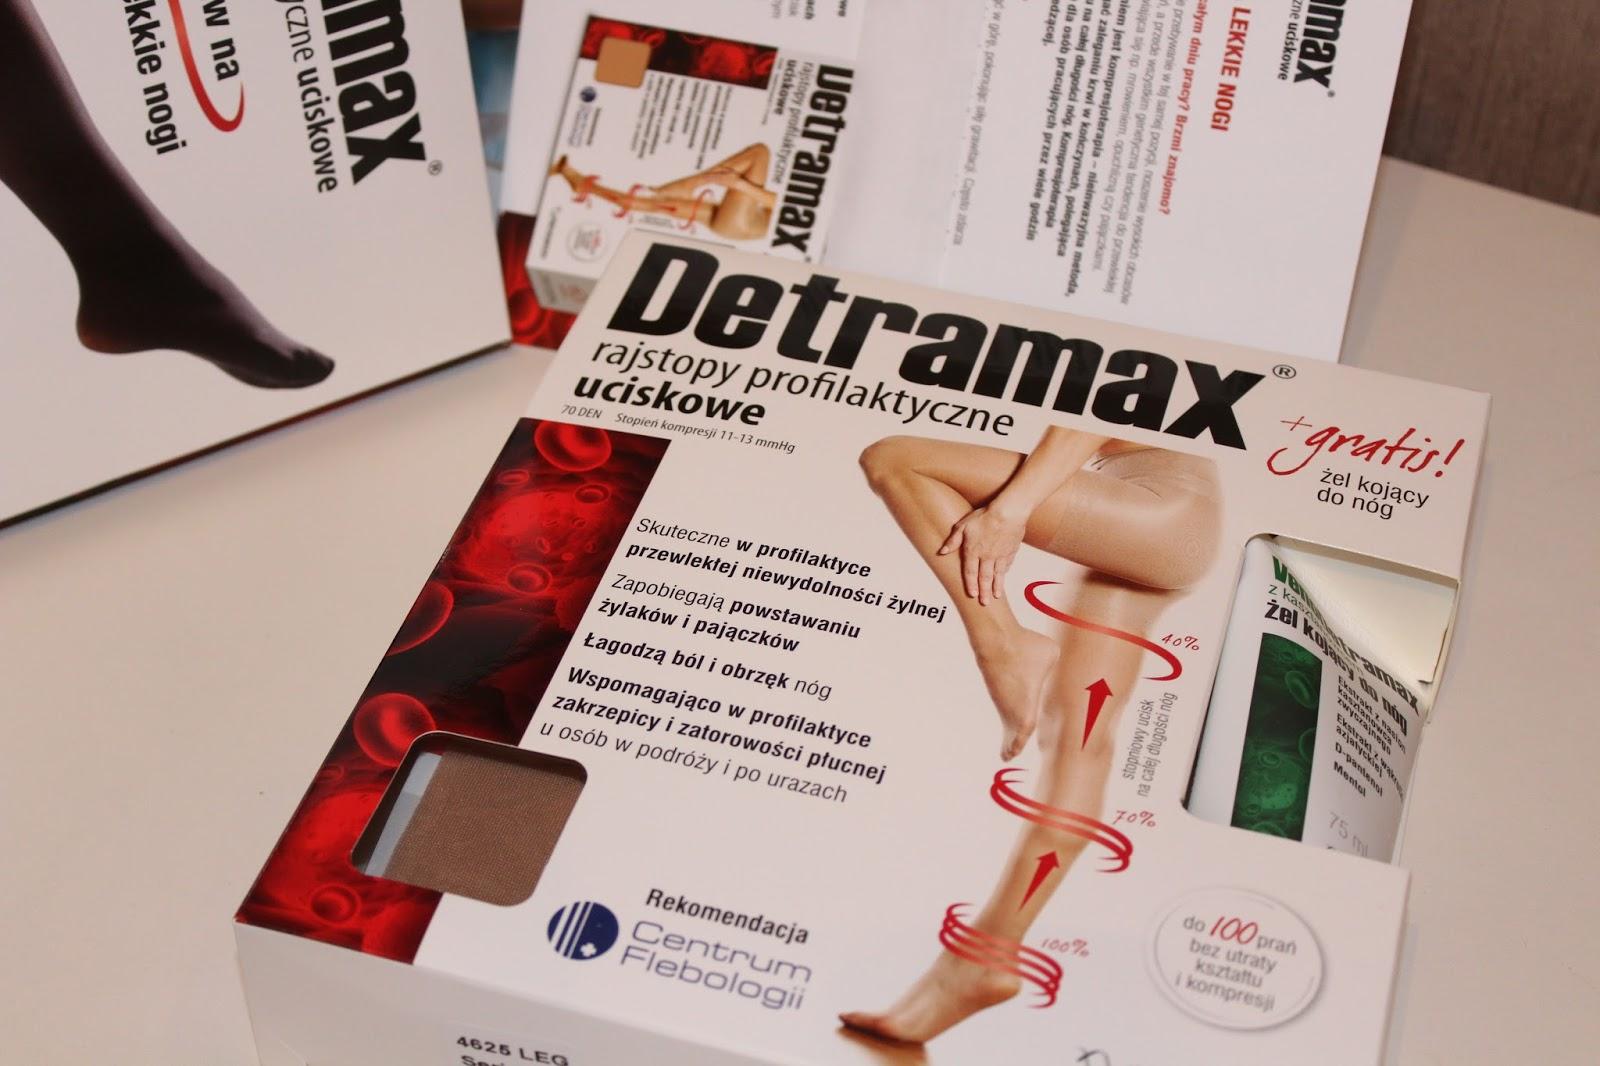 DETRAMAX / RAJSTOPY UCISKOWE /